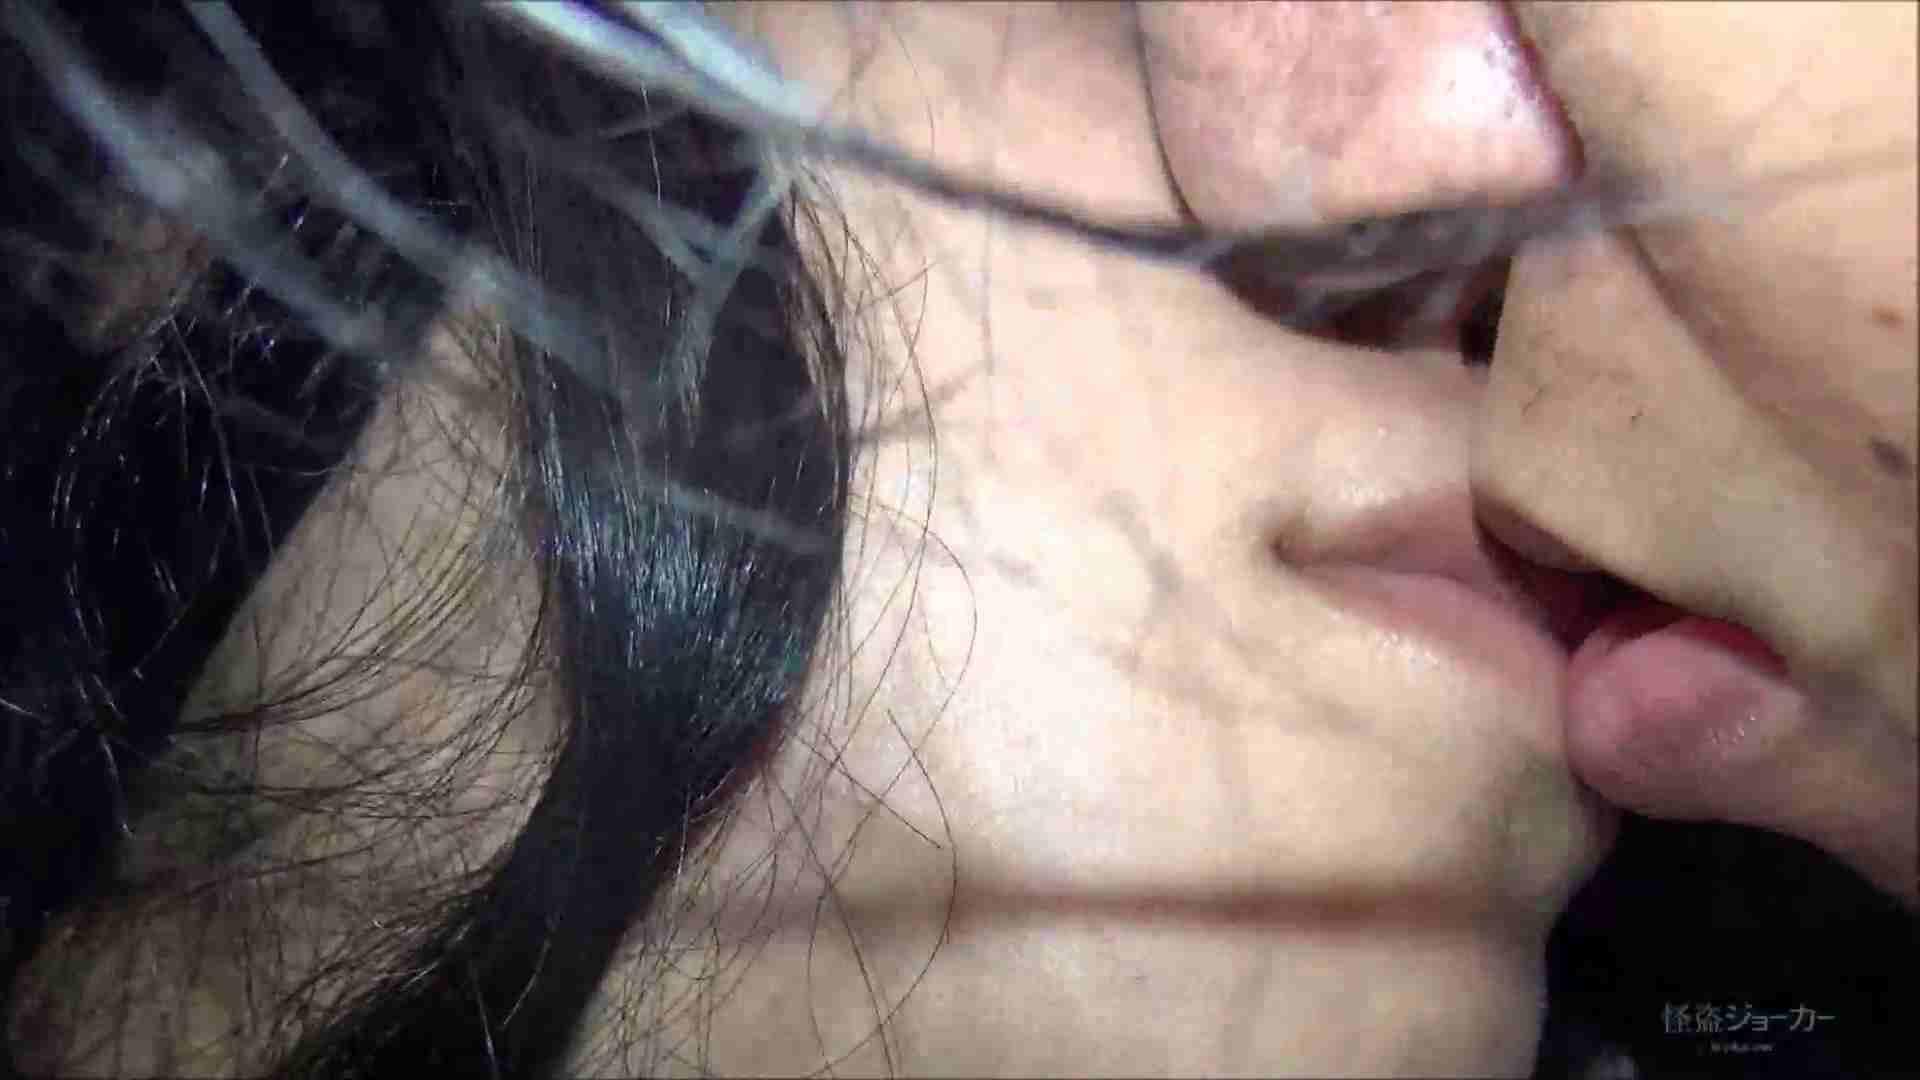 【未公開】vol.59【小春】回想・・・もう今は見れない黒髪と制月反姿。。。 細身・スレンダー おめこ無修正動画無料 100画像 32